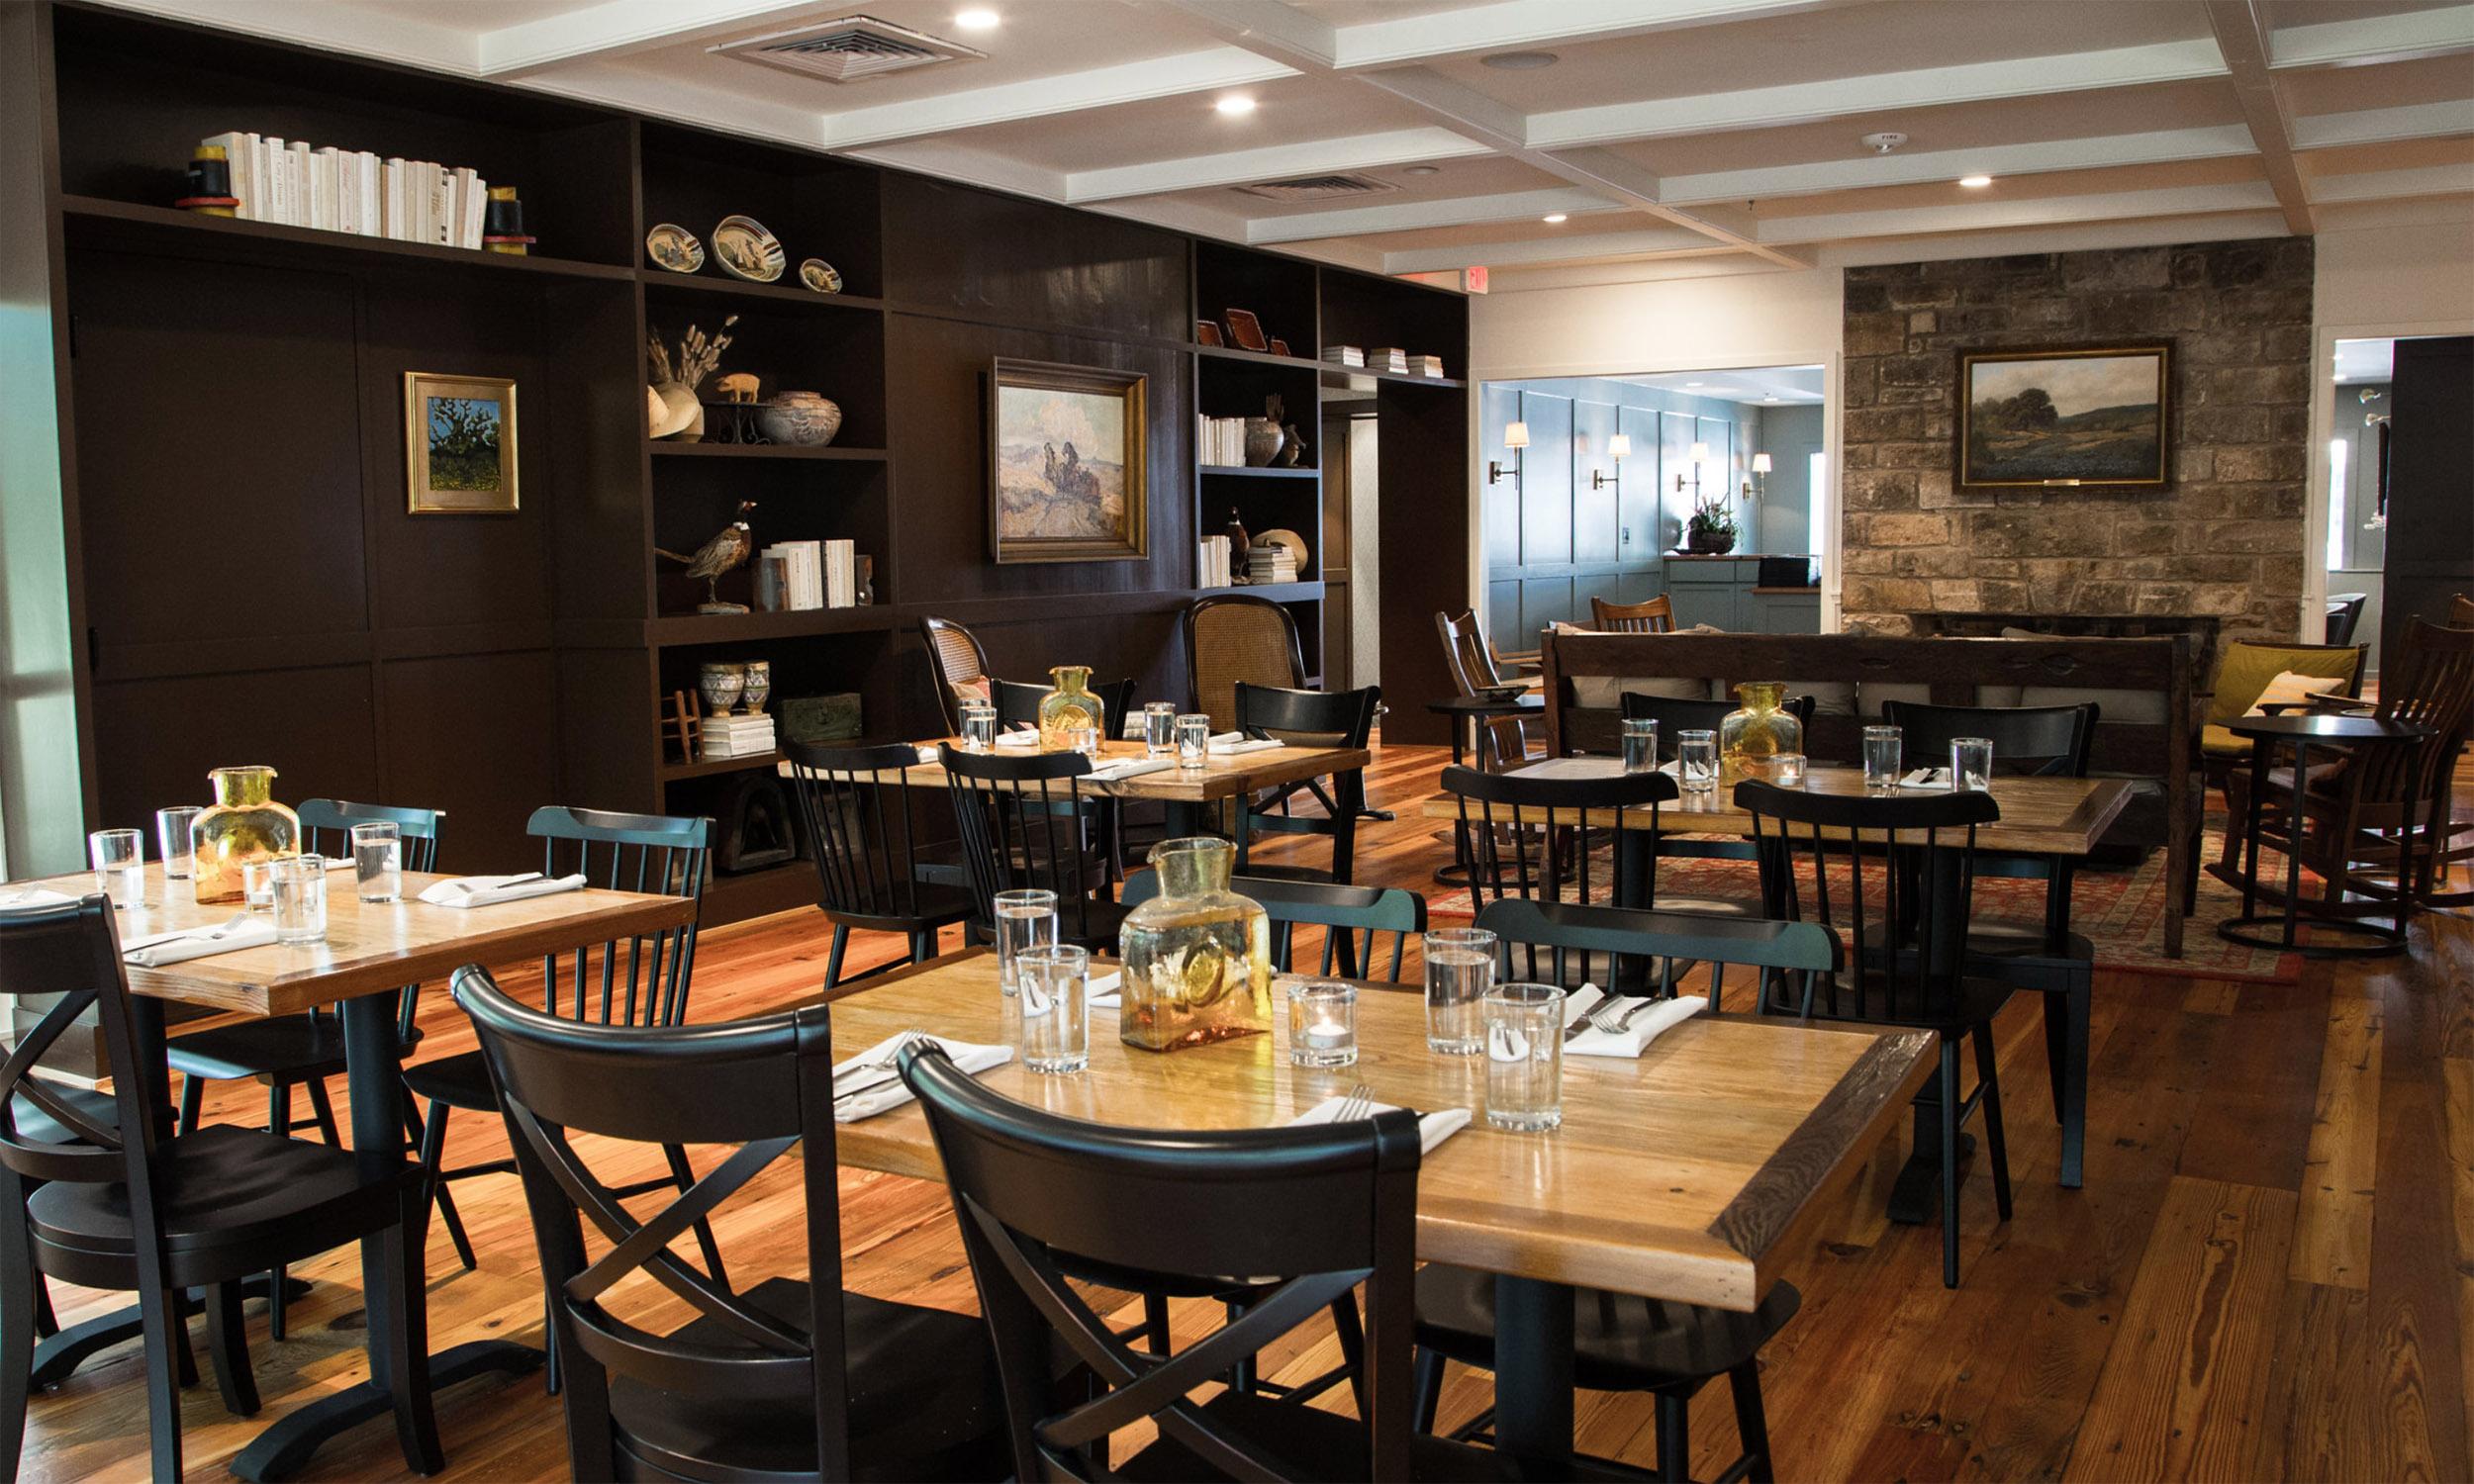 restaurant-stagecoach-dining-room.jpg